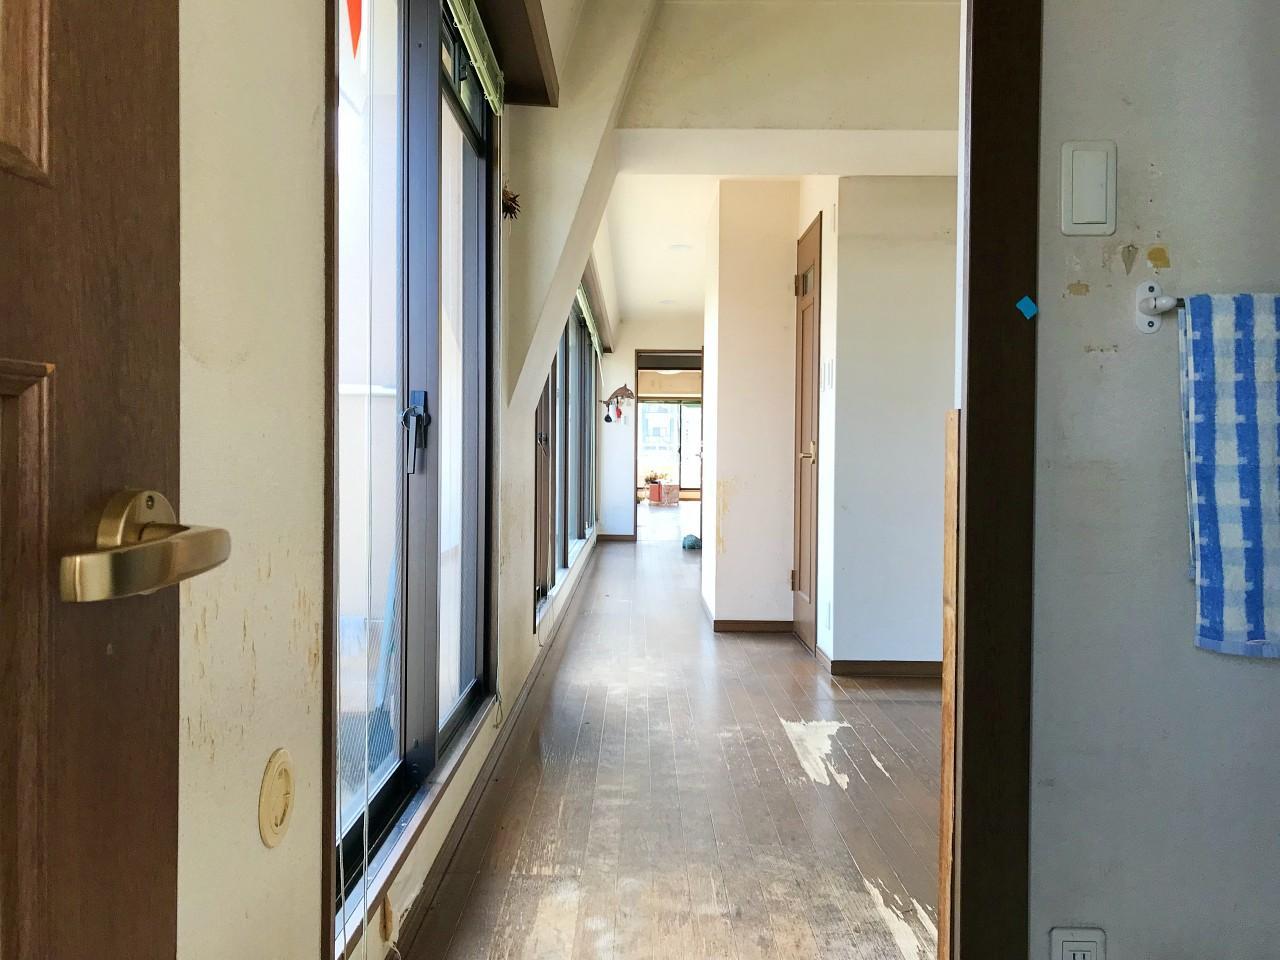 オフィス区画と生活空間を、長い廊下がつなぎます